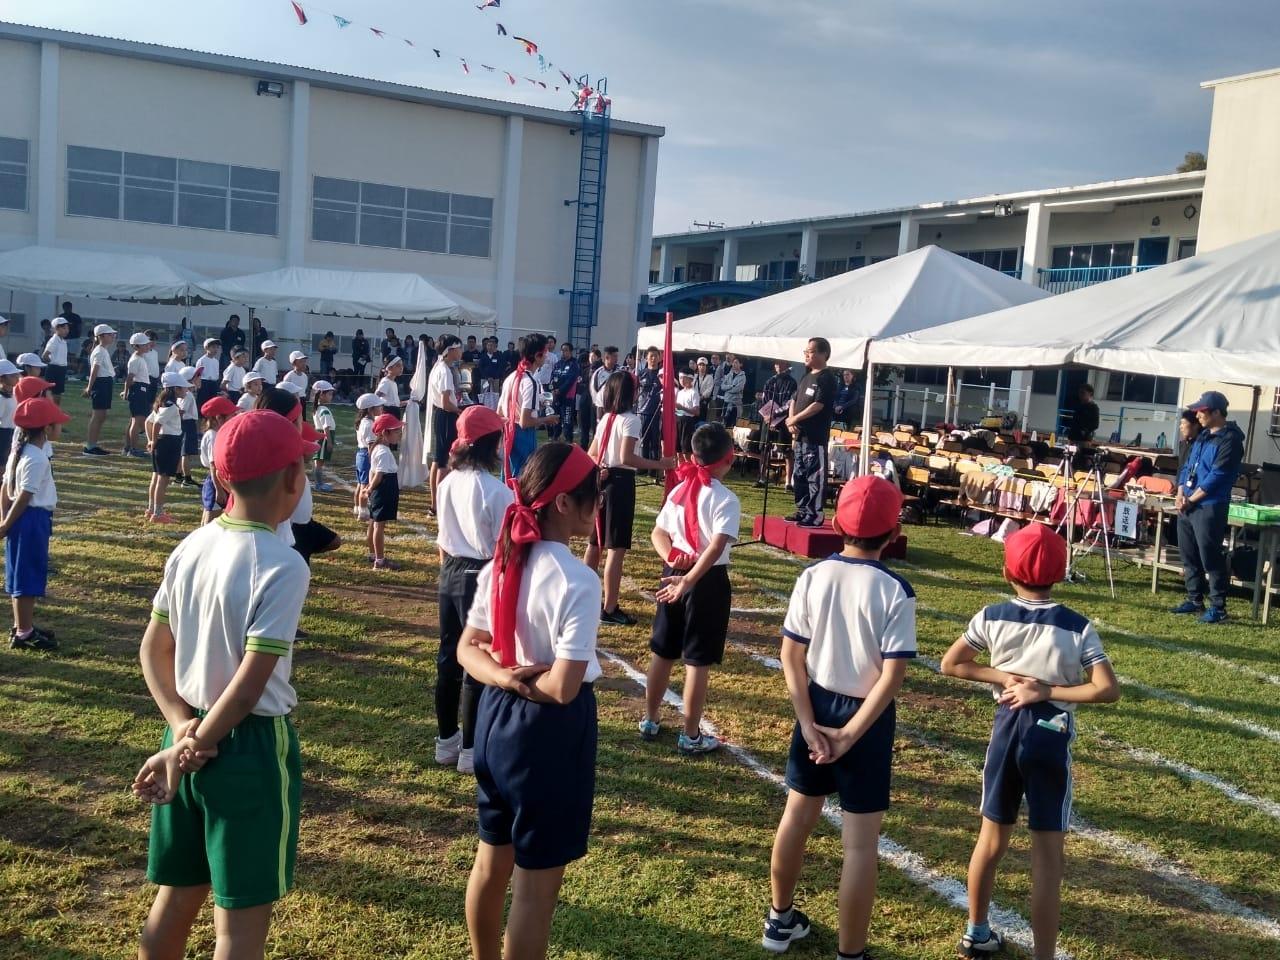 アグアスカリエンテス日本人学校の運動会 | 在レオン総領事館